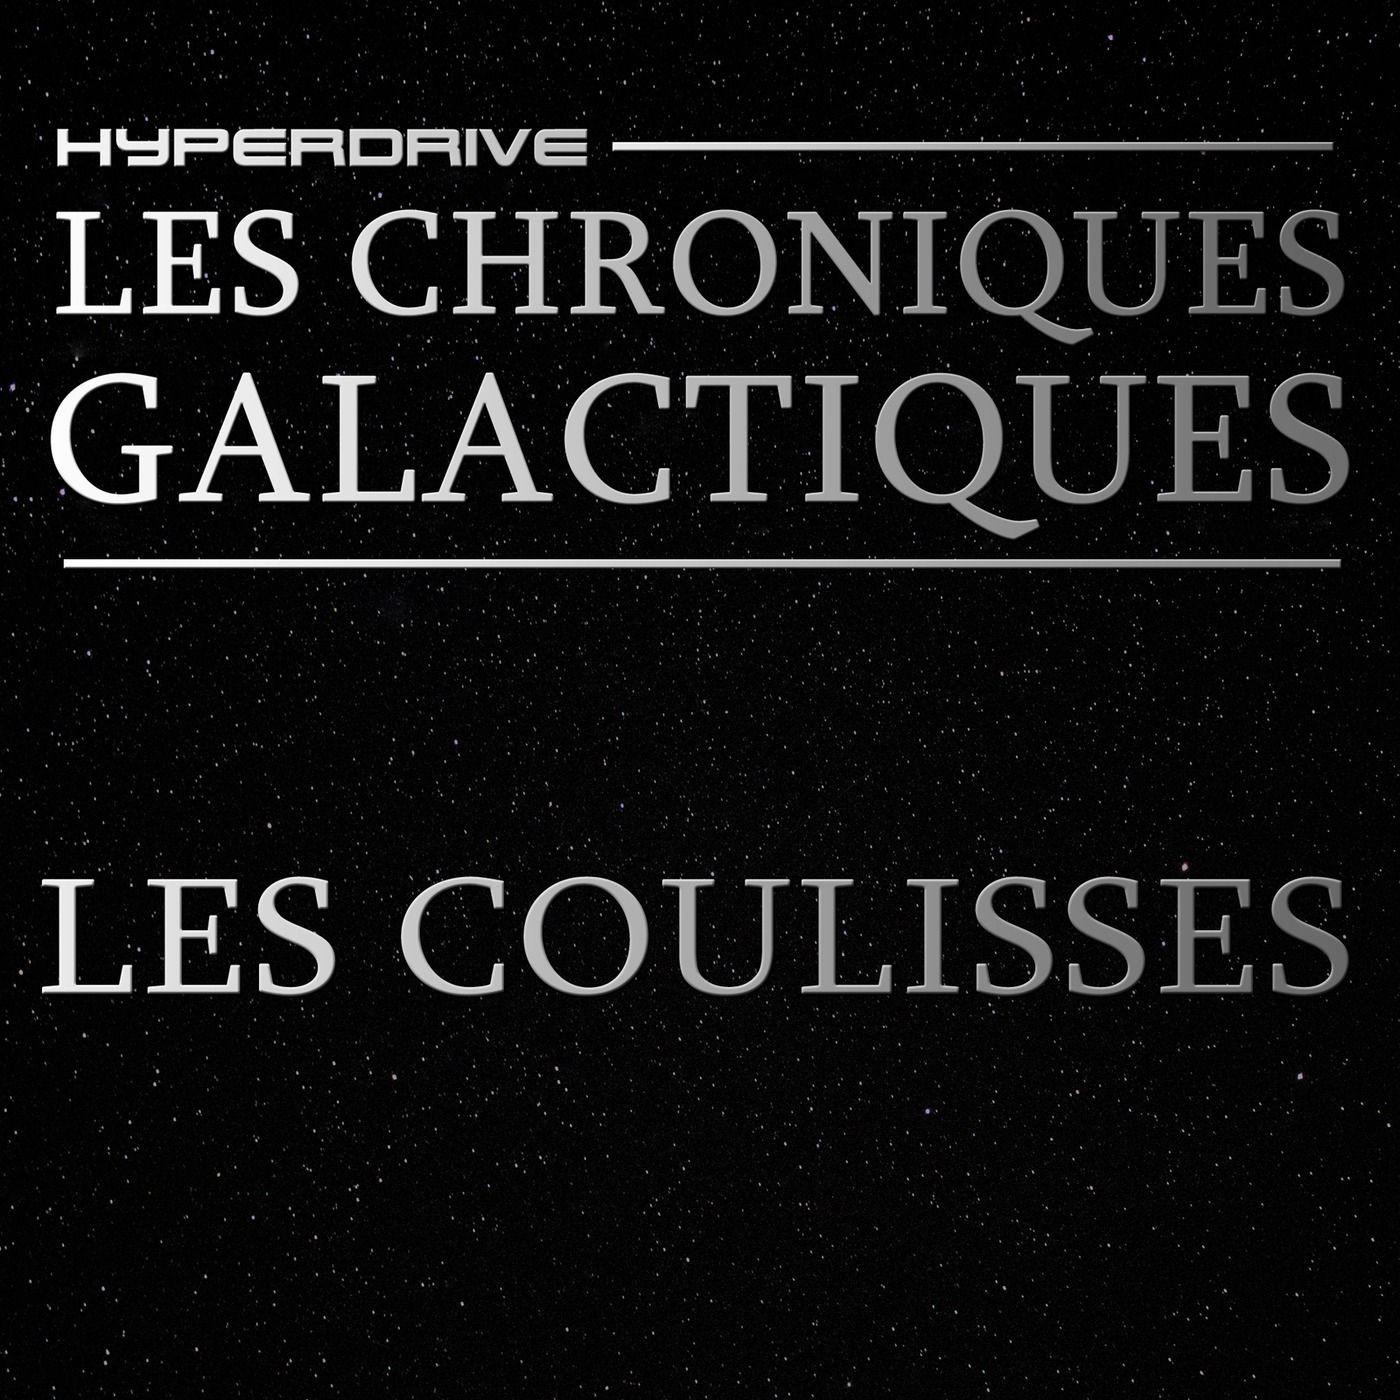 Les Chroniques Galactiques - Episode Bonus - Les coulisses !